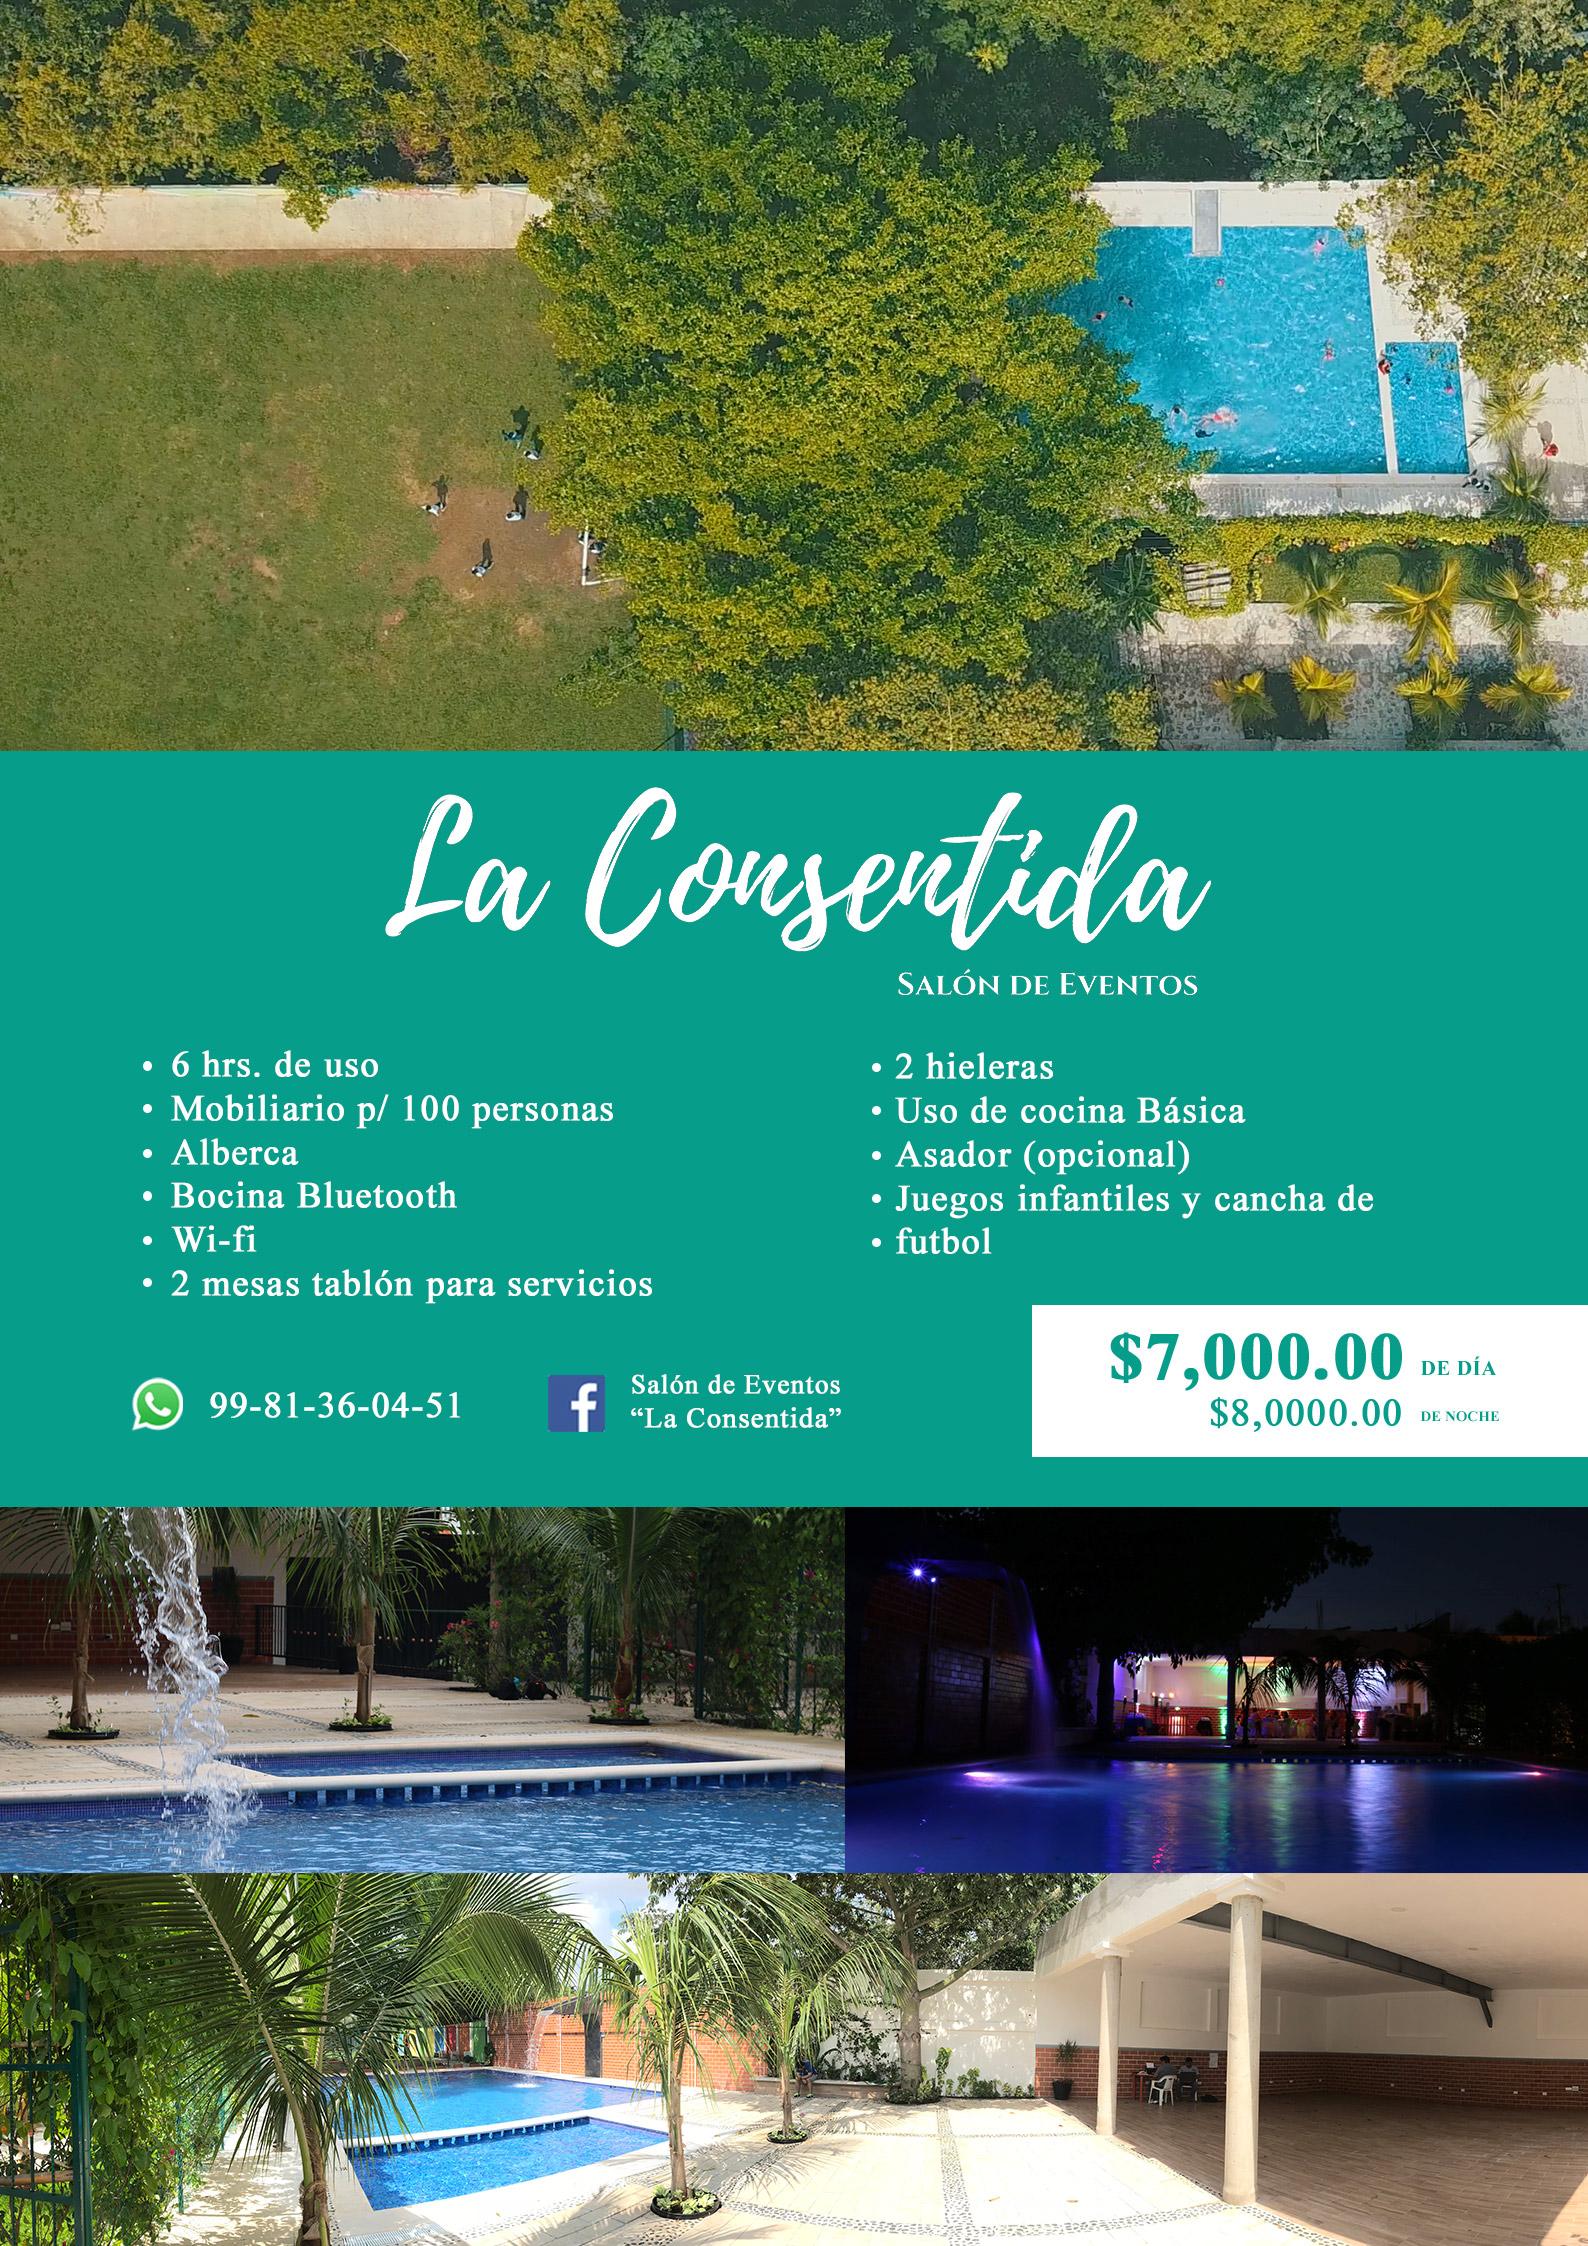 La consentida salón de fiestas en Cancún